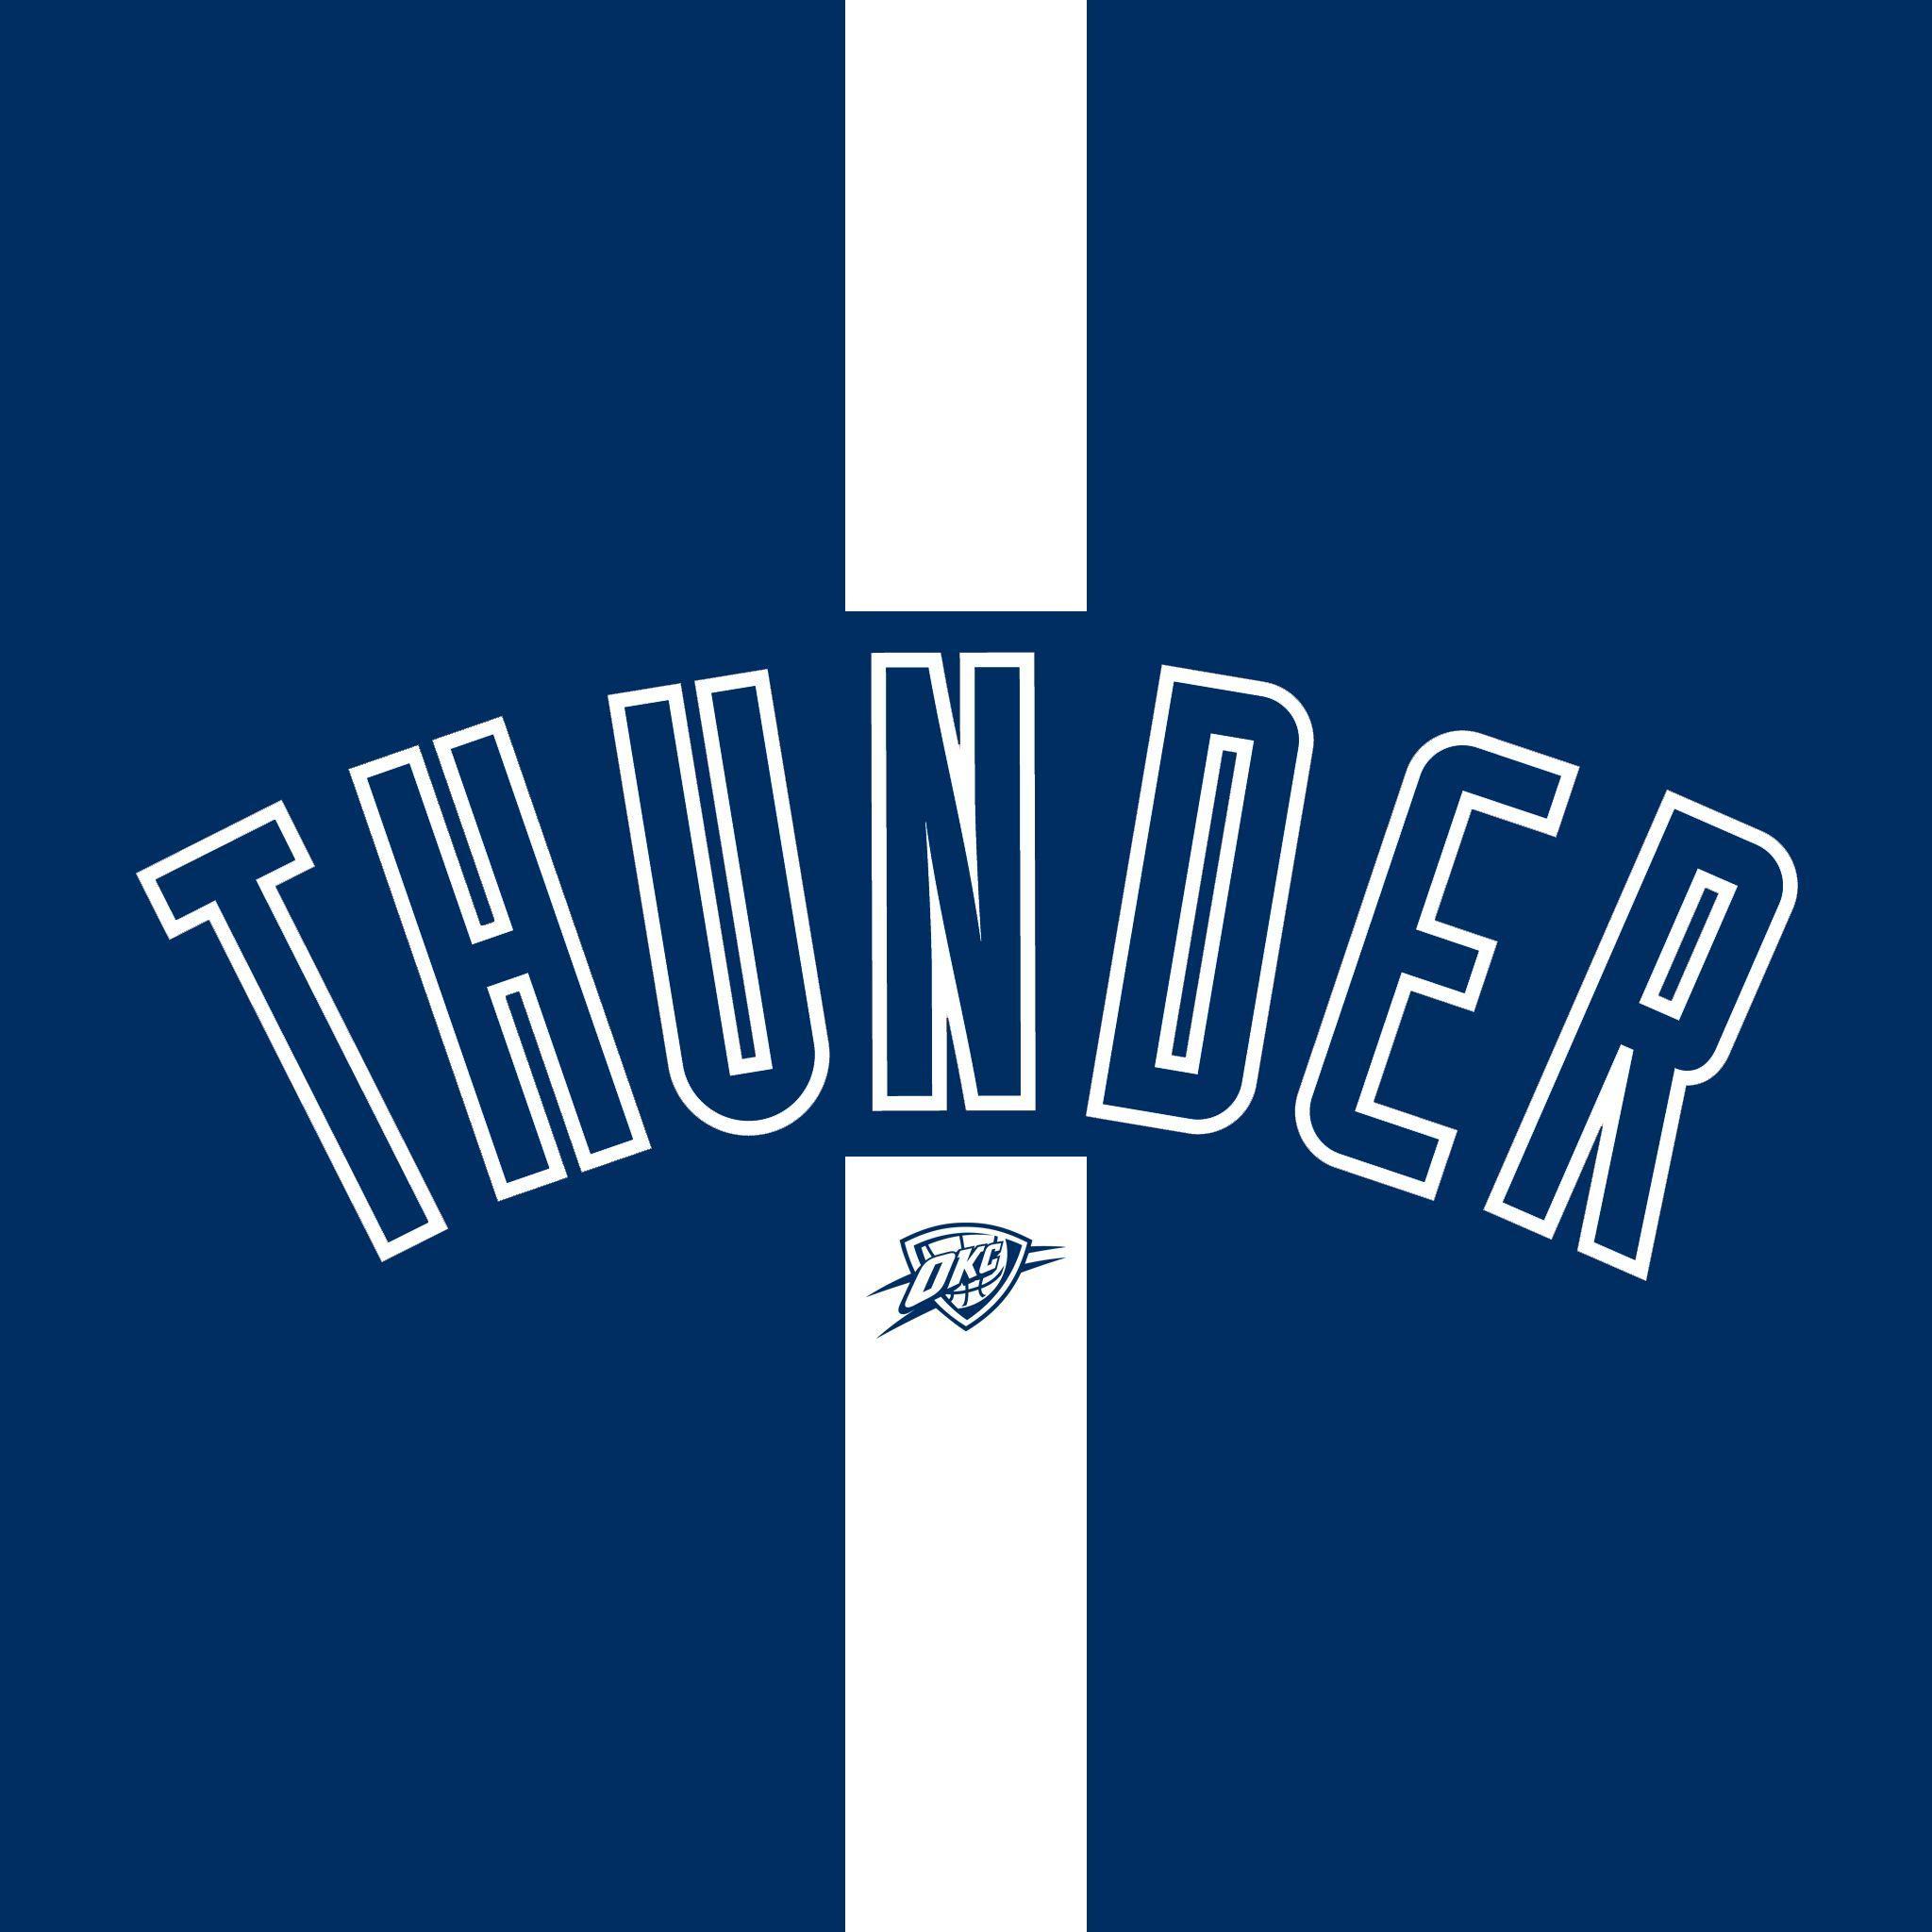 Oklahoma City Thunder Wallpapers